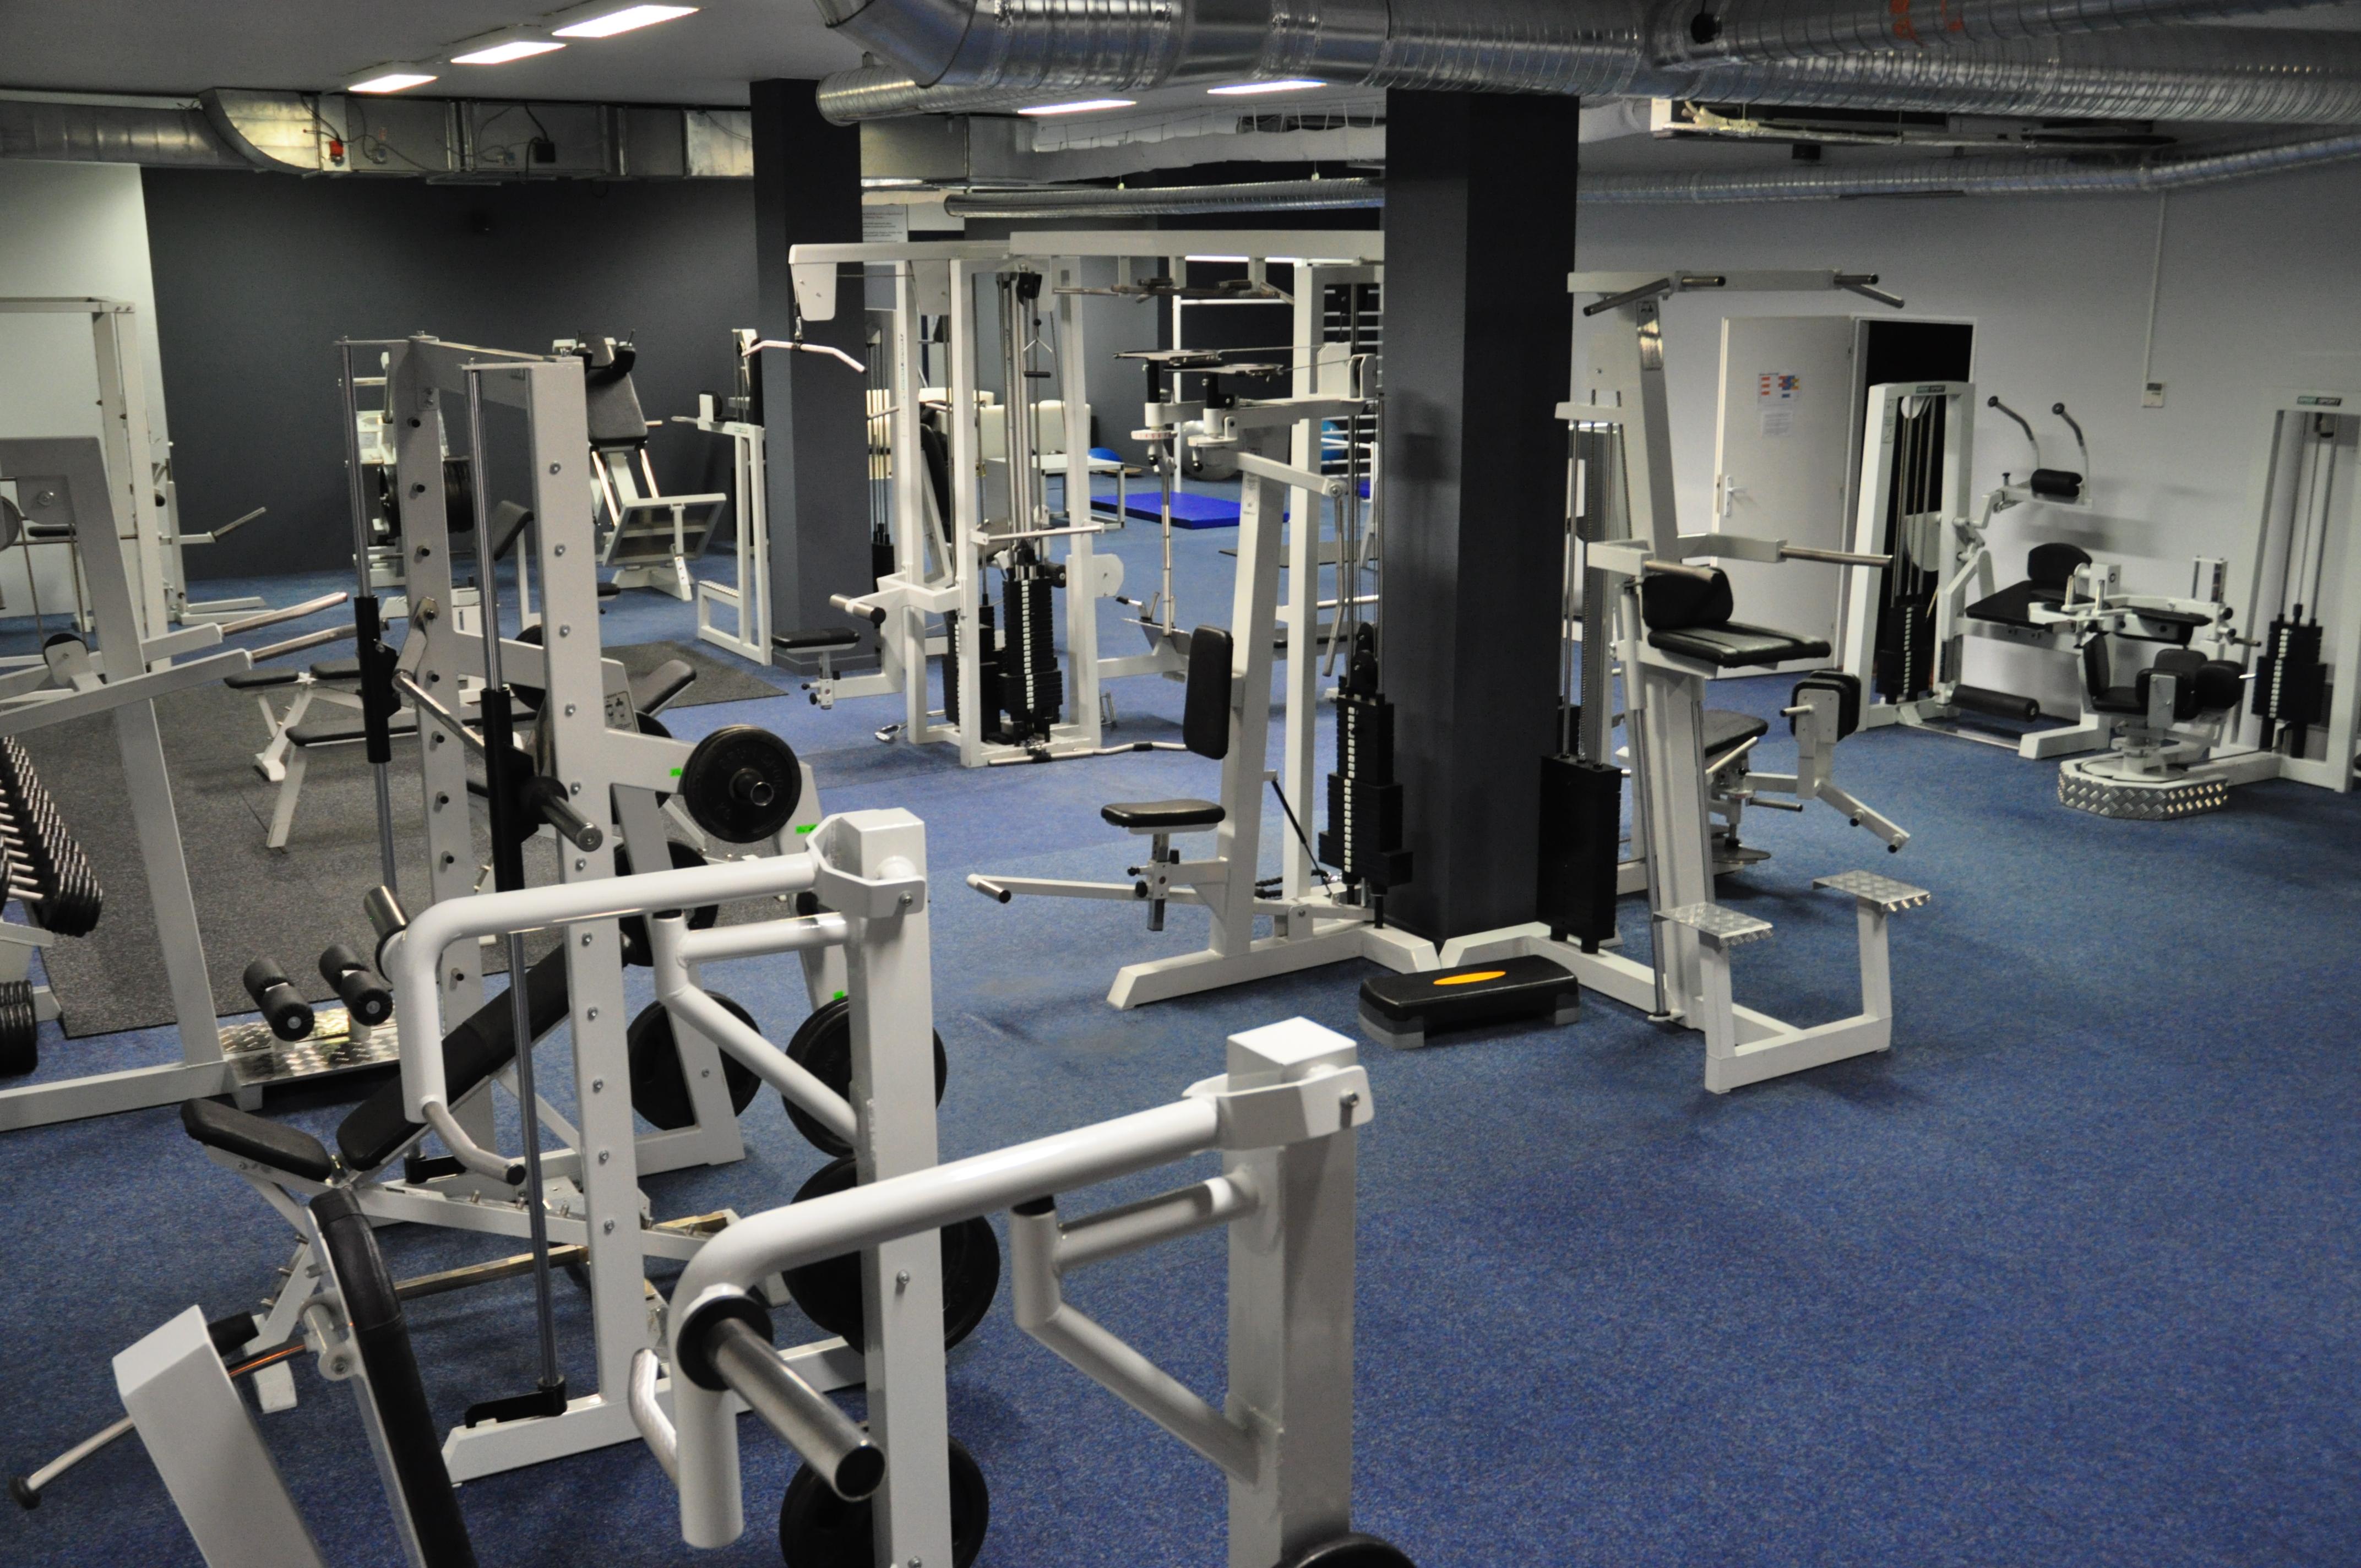 Najväčšie fitness centrum na sídlisku Juh v Trenčíne 35ade8c871a